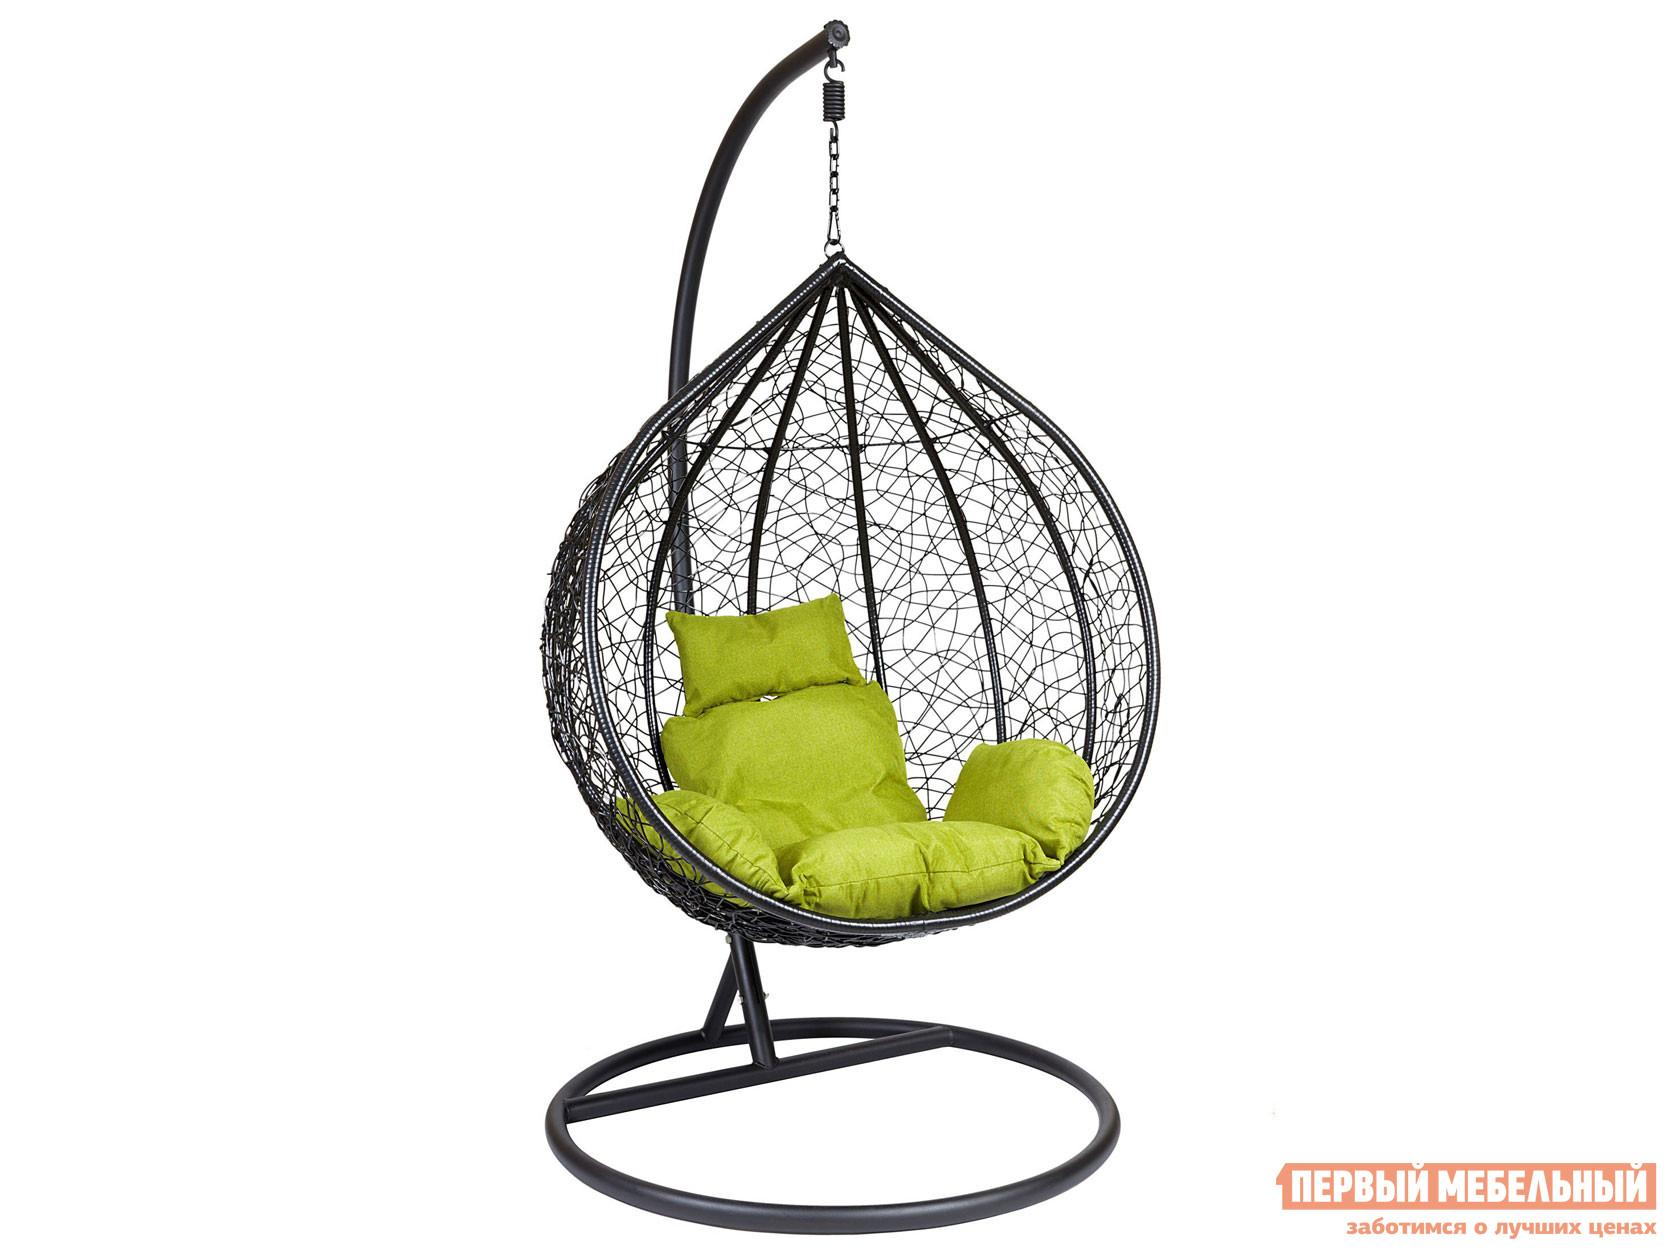 Подвесное кресло из искусственного ротанга ЭкоДизайн Подвесное кресло Z-03 (A)